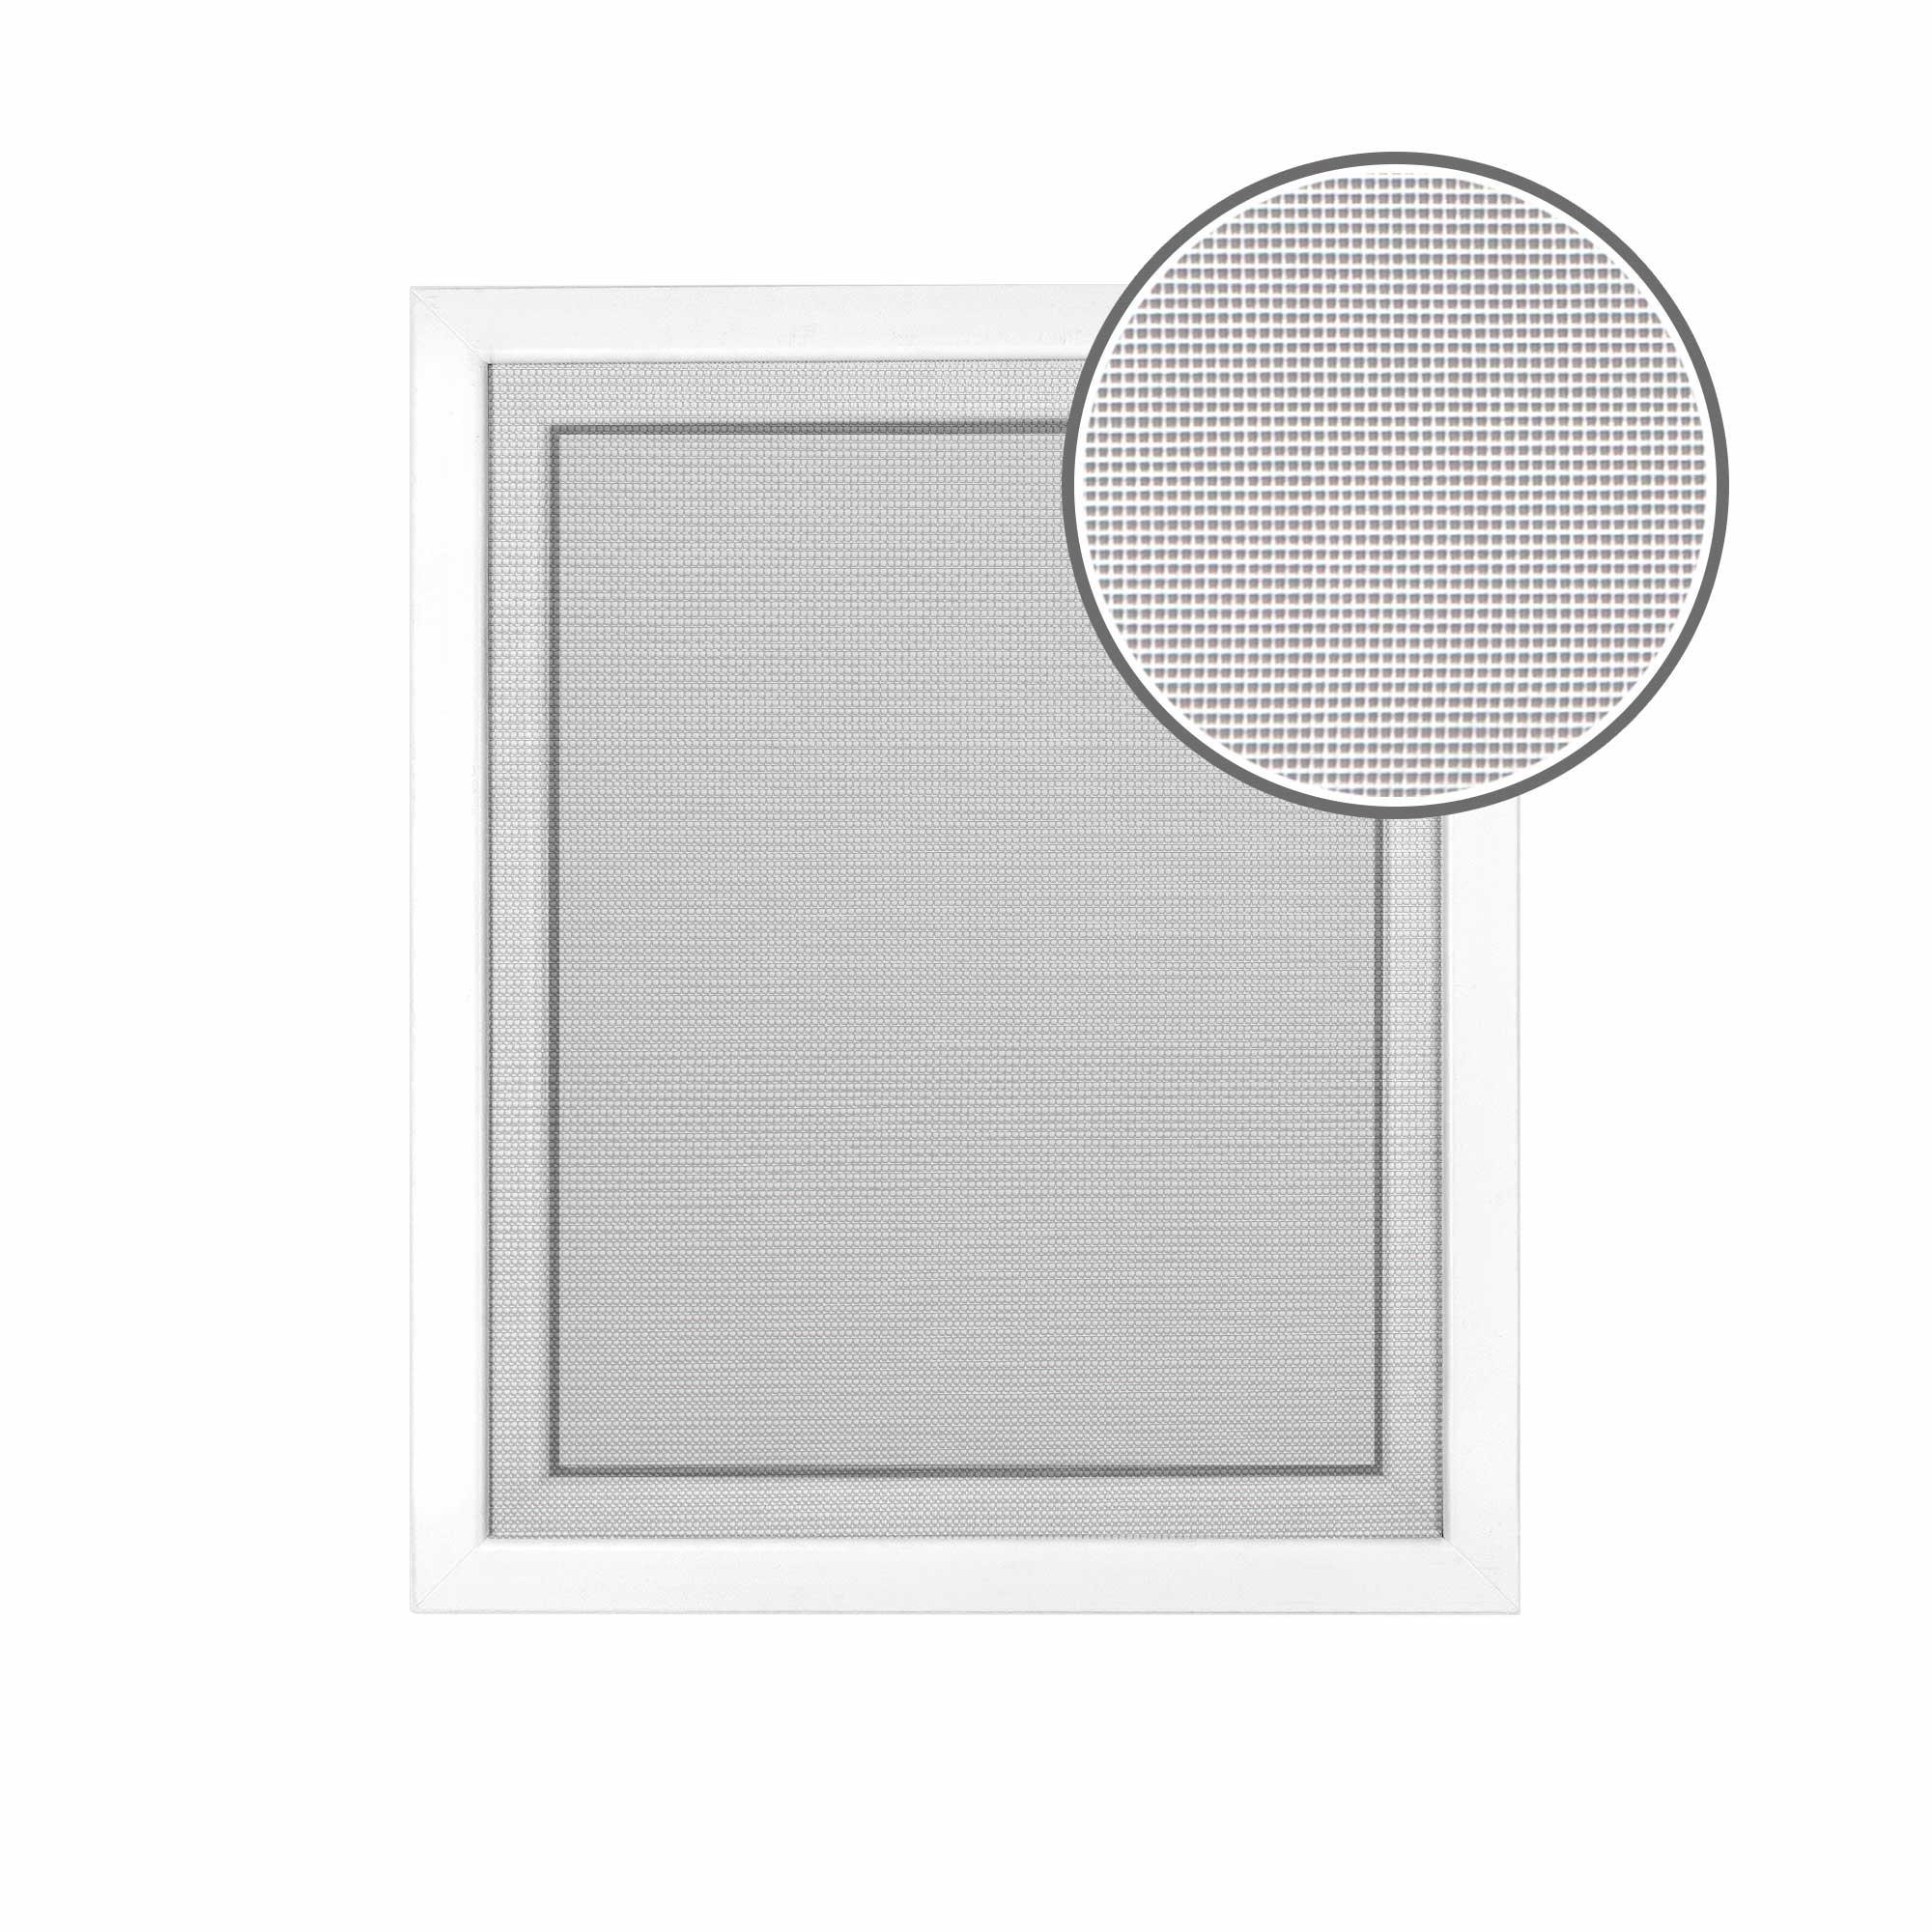 Toile de moustiquaire fixation auto-agrippante, Blanc